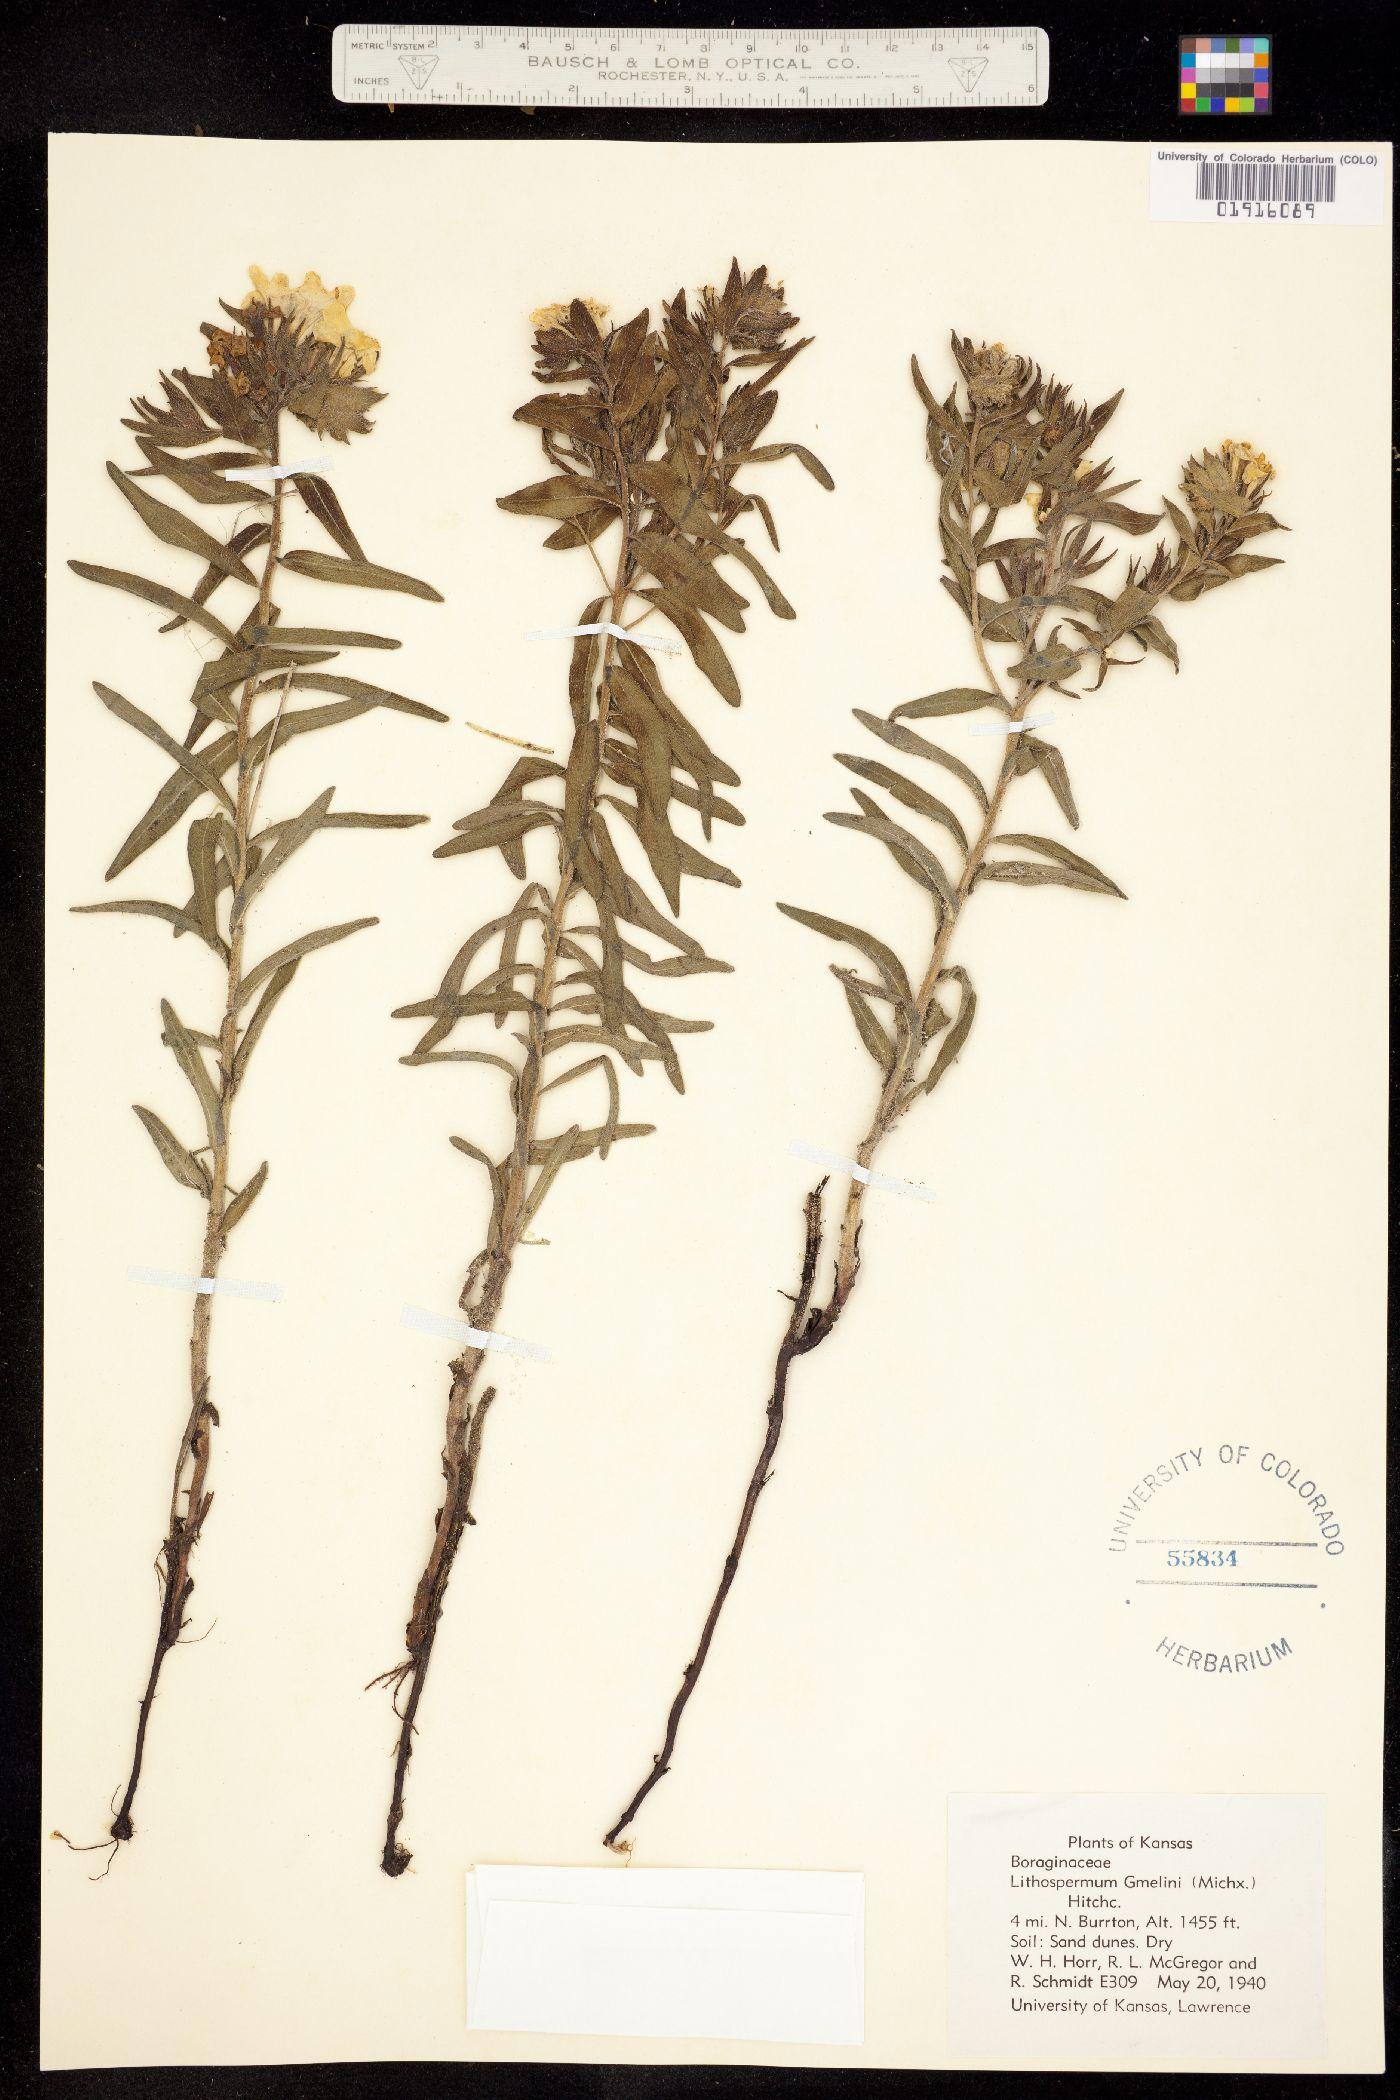 Lithospermum gmelini image